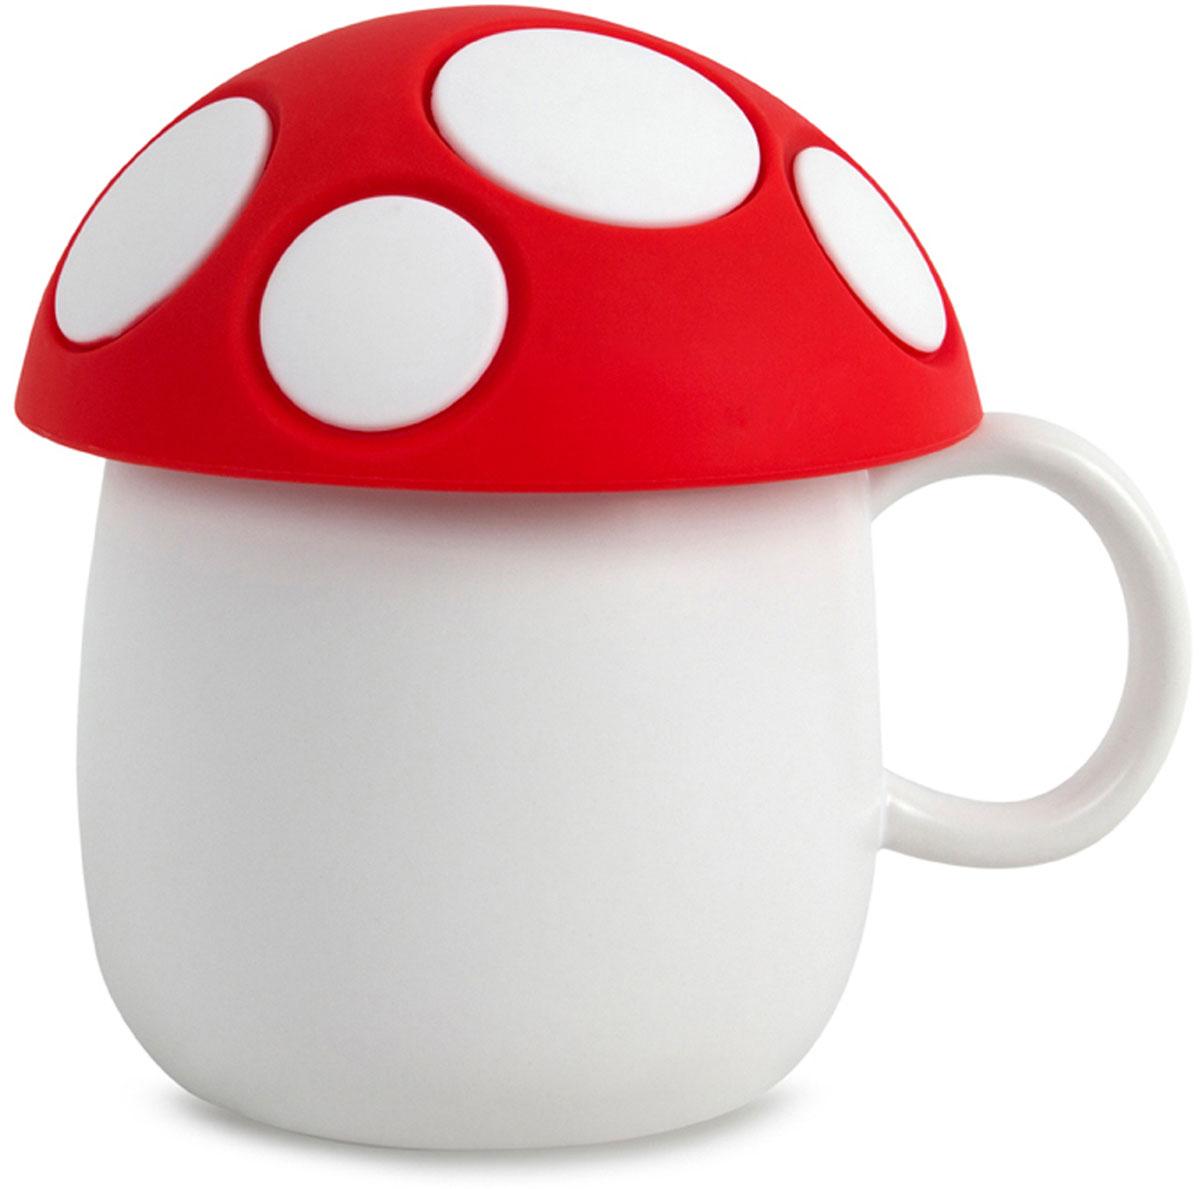 Кружка Balvi Fungo, с крышкой, цвет: белый, 400 мл25760Кружка с силиконовой крышкой Fungo подойдет для любителей свежезаваренного чая. Можно засыпать заварку прямо в нее, накрыть крышкой и через 5-10 минут вас будет ждать вкусный ароматный чай. Если вам больше нравится чай в пакетиках, то крышку можно использовать в качестве подставки для использованного пакета с чаем. Многие дети любят на завтрак яйца всмятку - они могут использовать крышку как пашотницу (подставку для яиц). Внешне кружка напоминает мухомор, так что она будет радовать глаз и детям, и взрослым, а утро с ней перестанет быть скучным и унылым.- Изготовлена из качественной керамики.- Оригинальный дизайн в виде гриба мухомора.- Объем кружки 400 мл.- Крышку можно использовать в качестве небольшого блюдца или подставки для яиц.- Подойдет для любой возрастной категории.